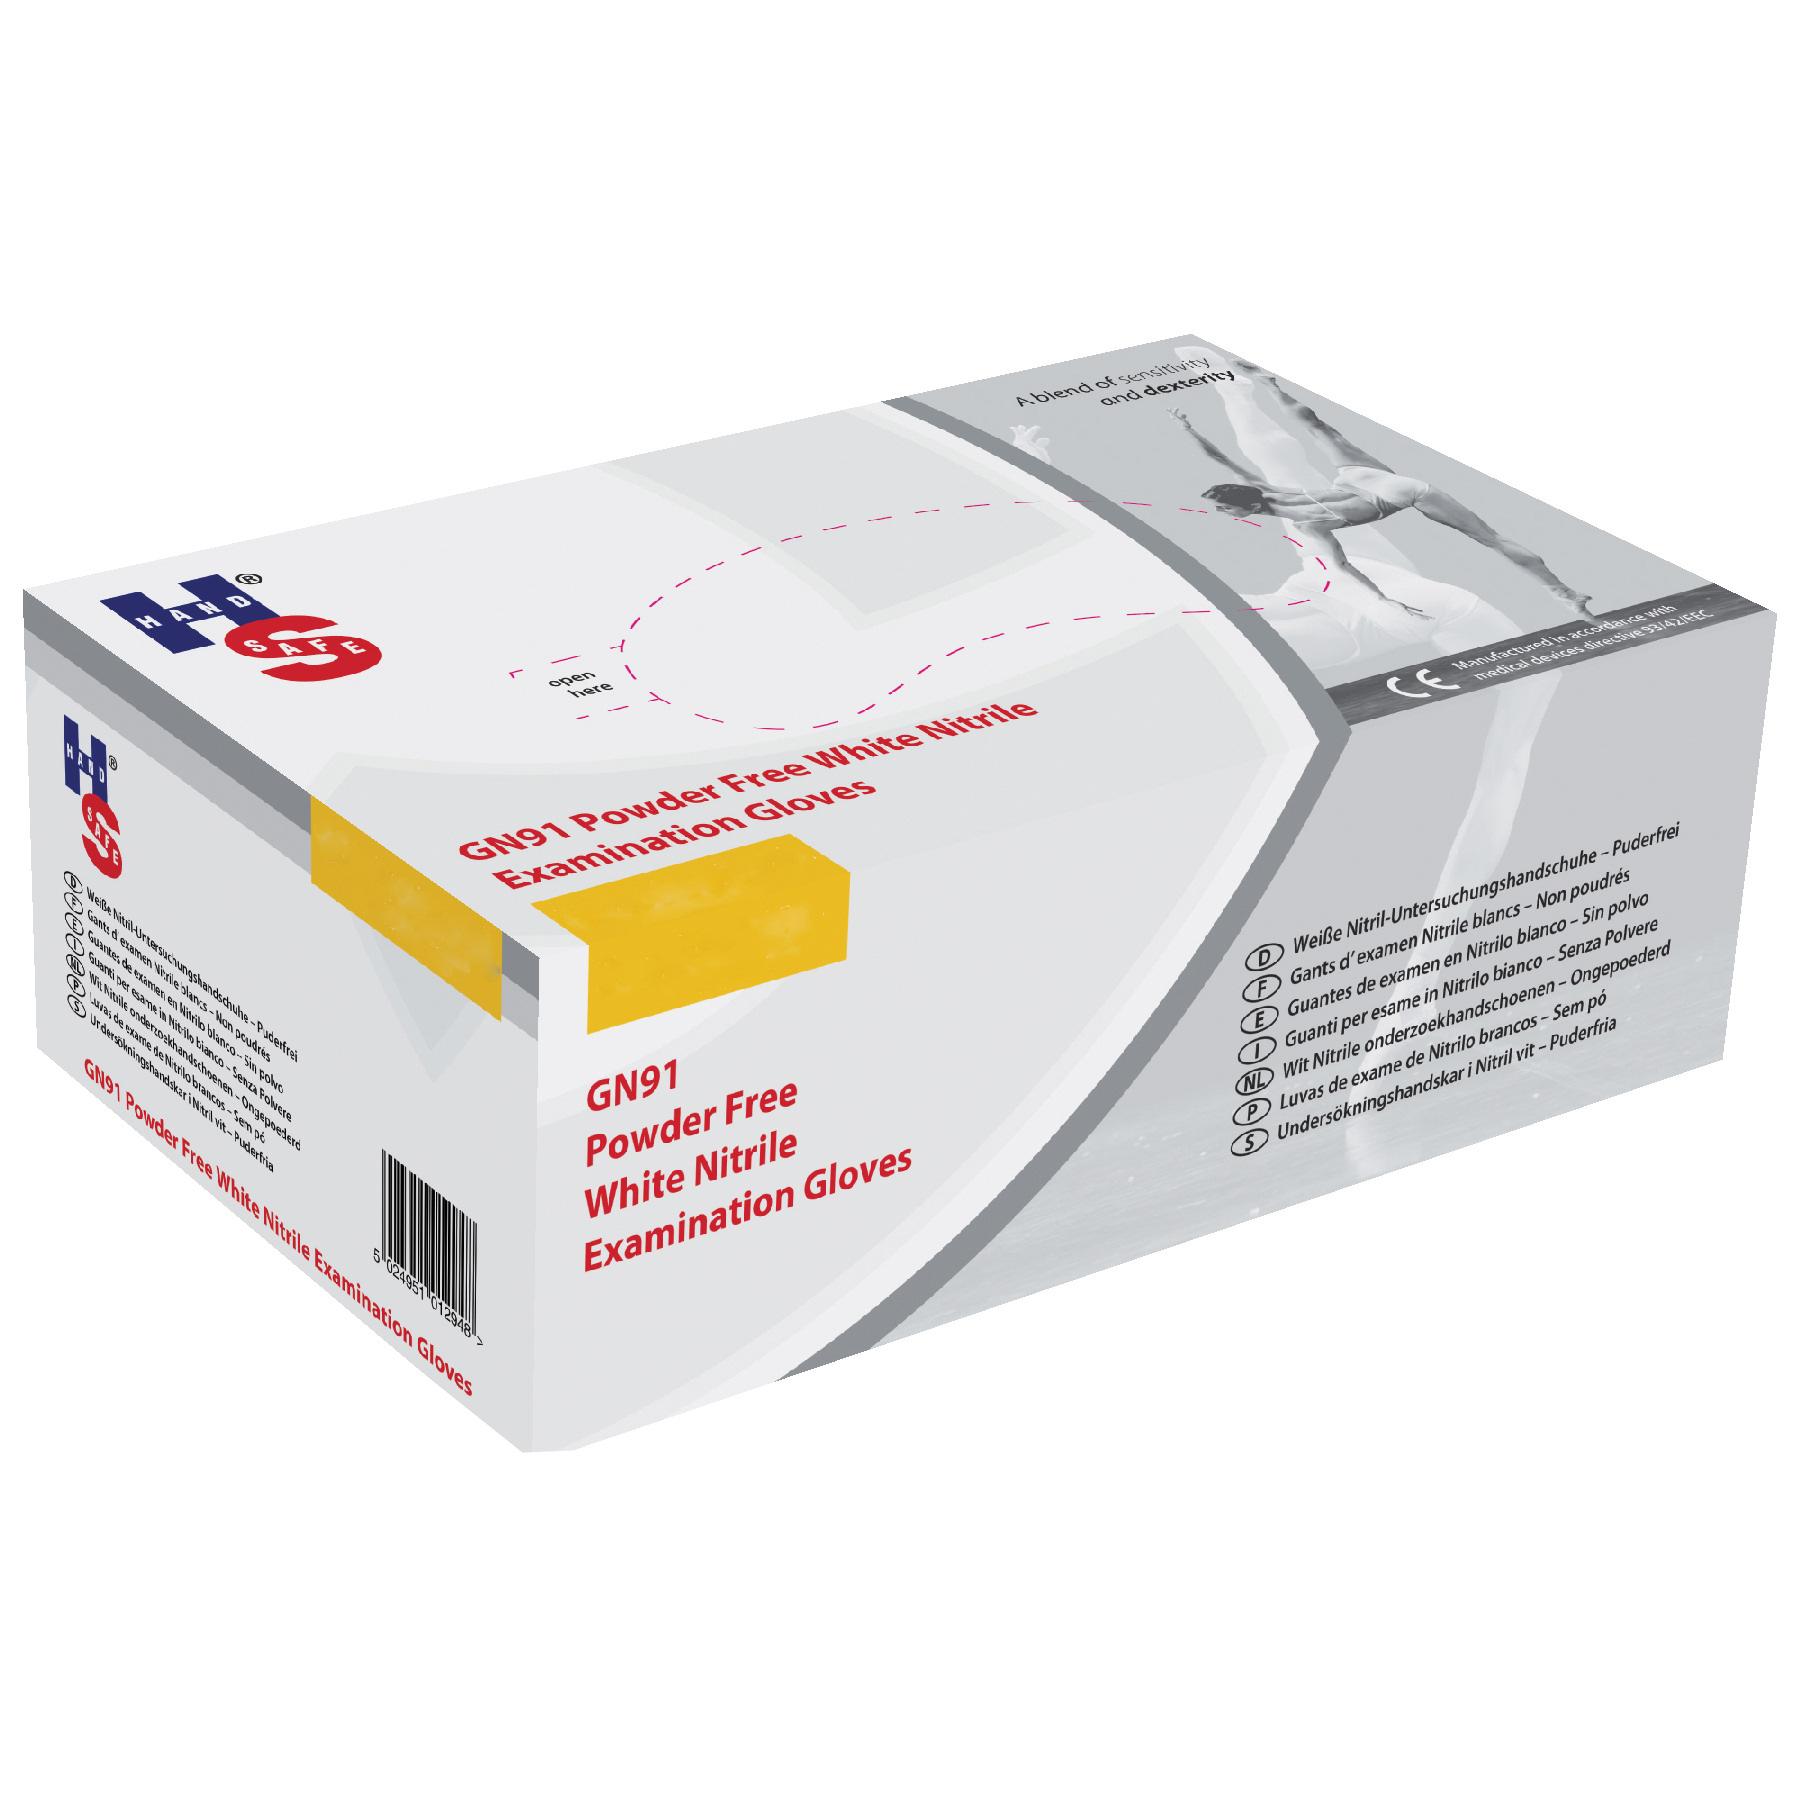 Handsafe Sensitive Large White Nitrile Gloves Pack of 200 Code GN91